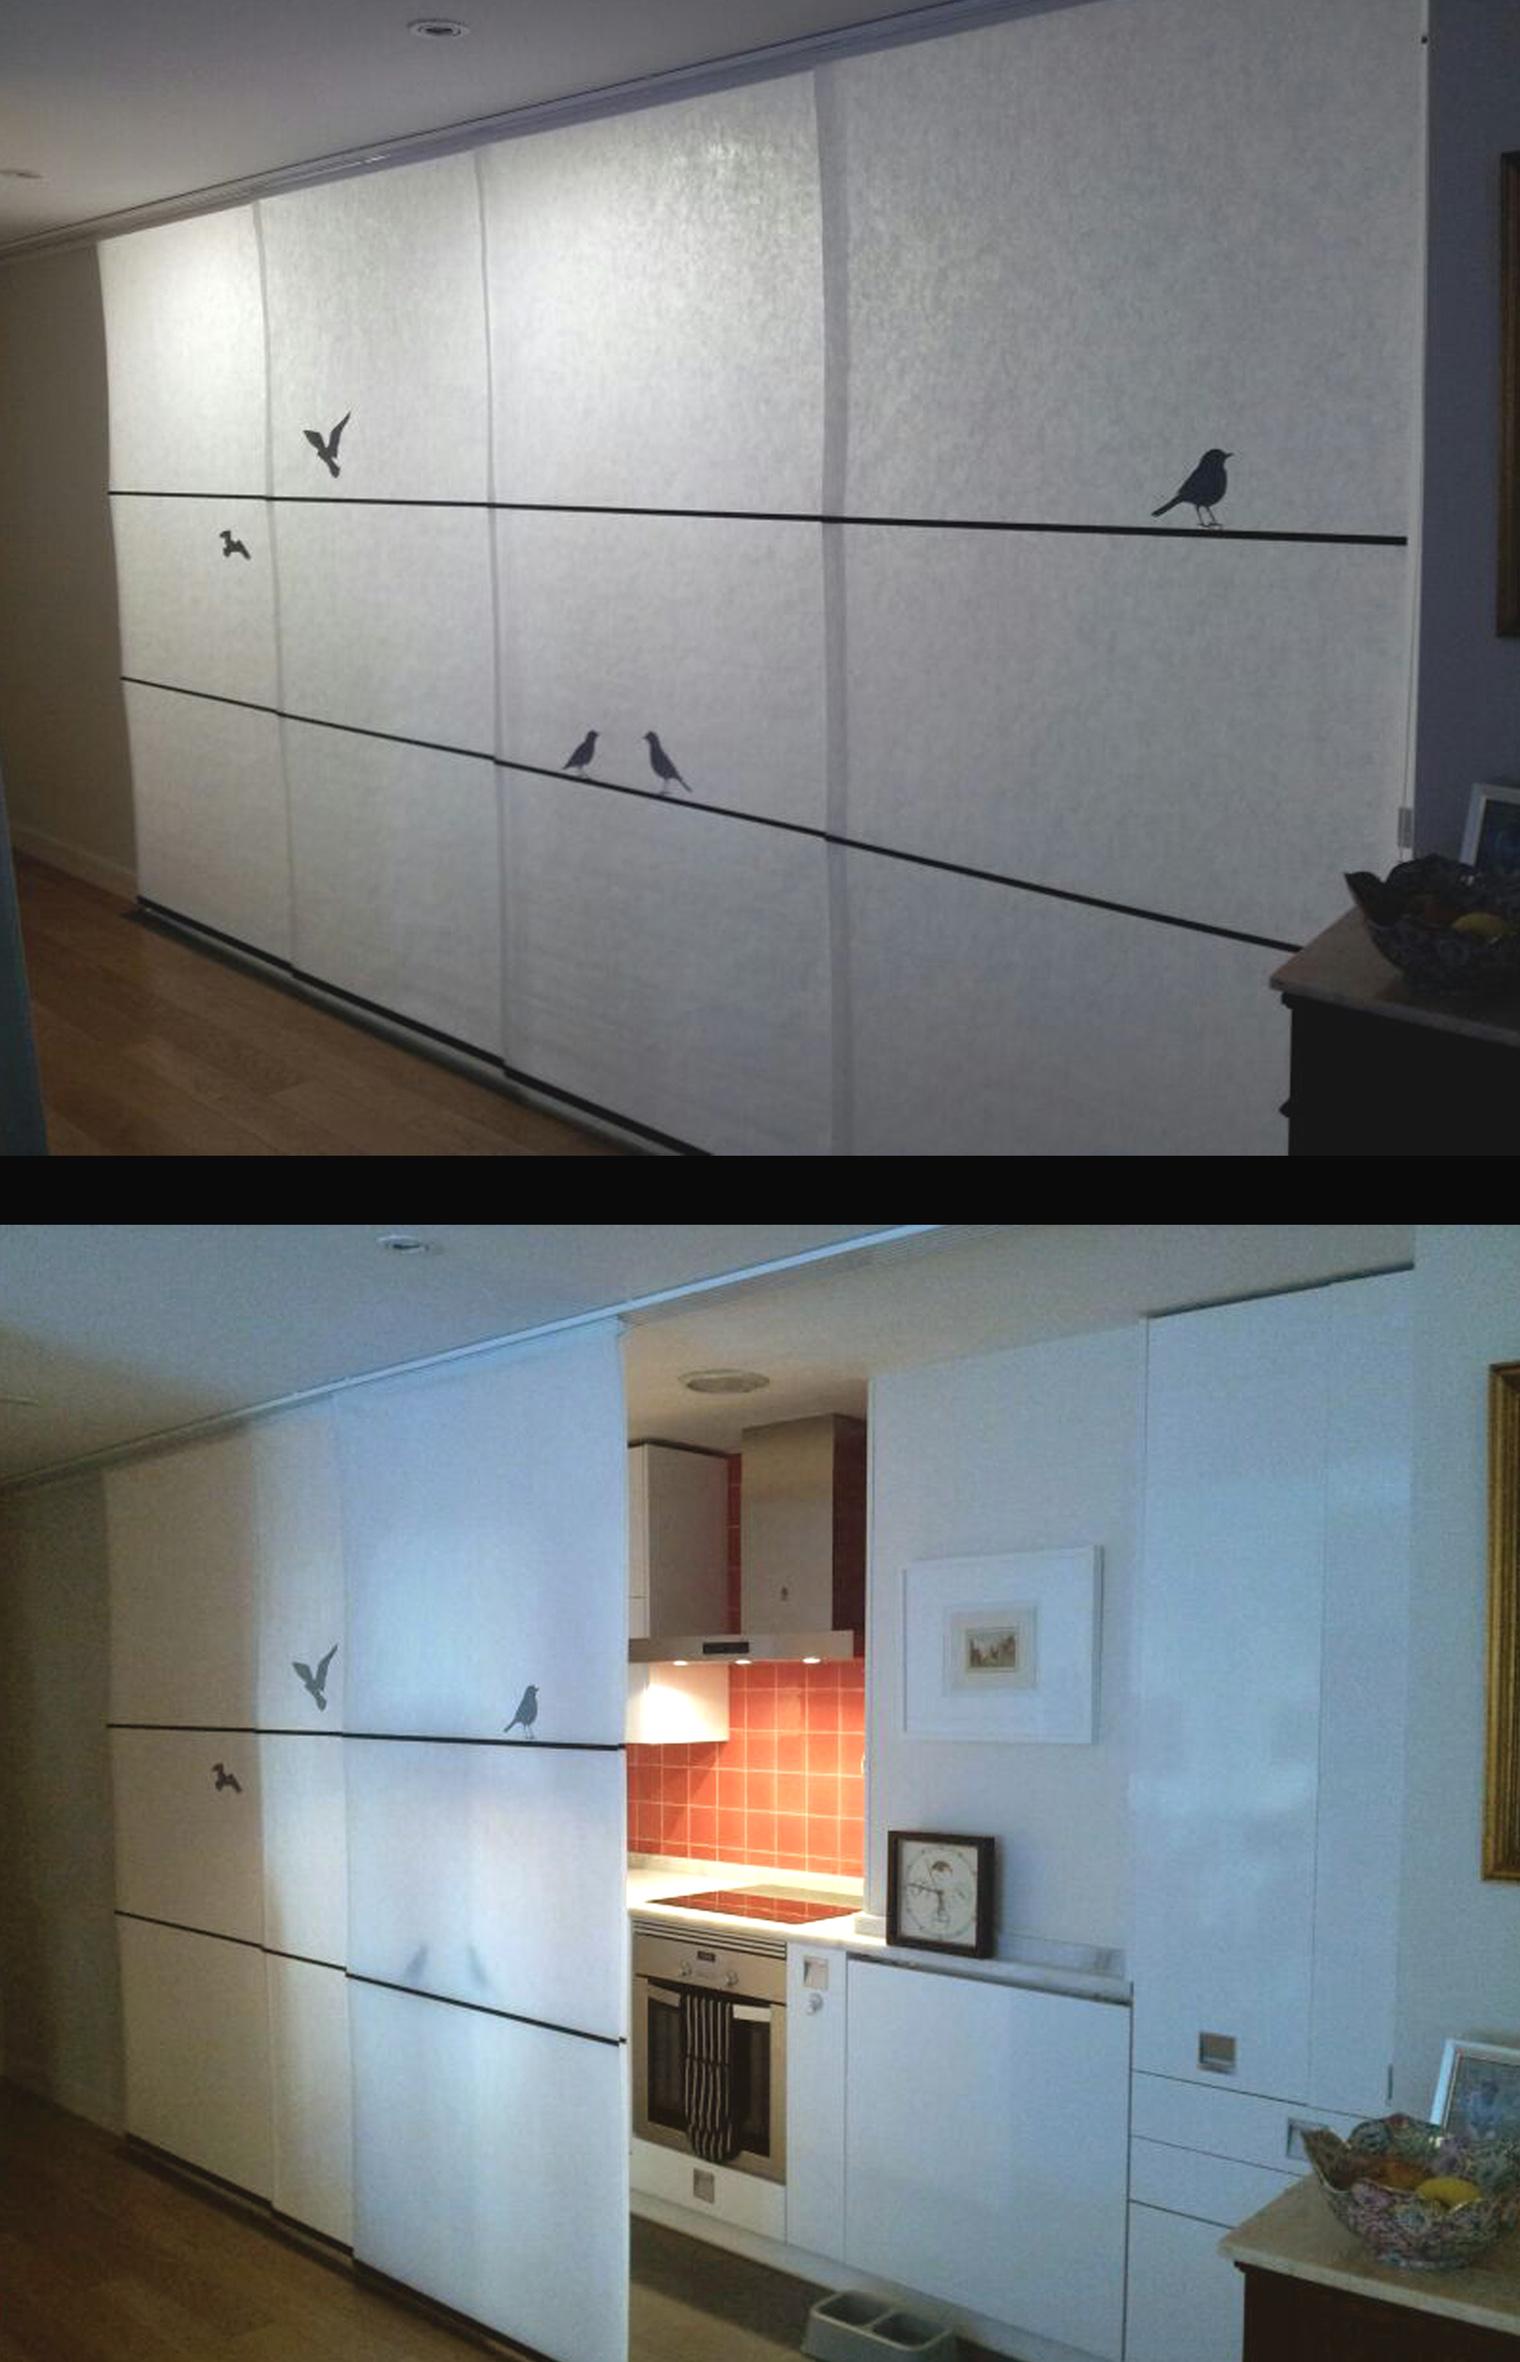 Paneles para separar ambientes separando espacios en un loft imagen erin u ben r delicado - Paneles para separar espacios ...